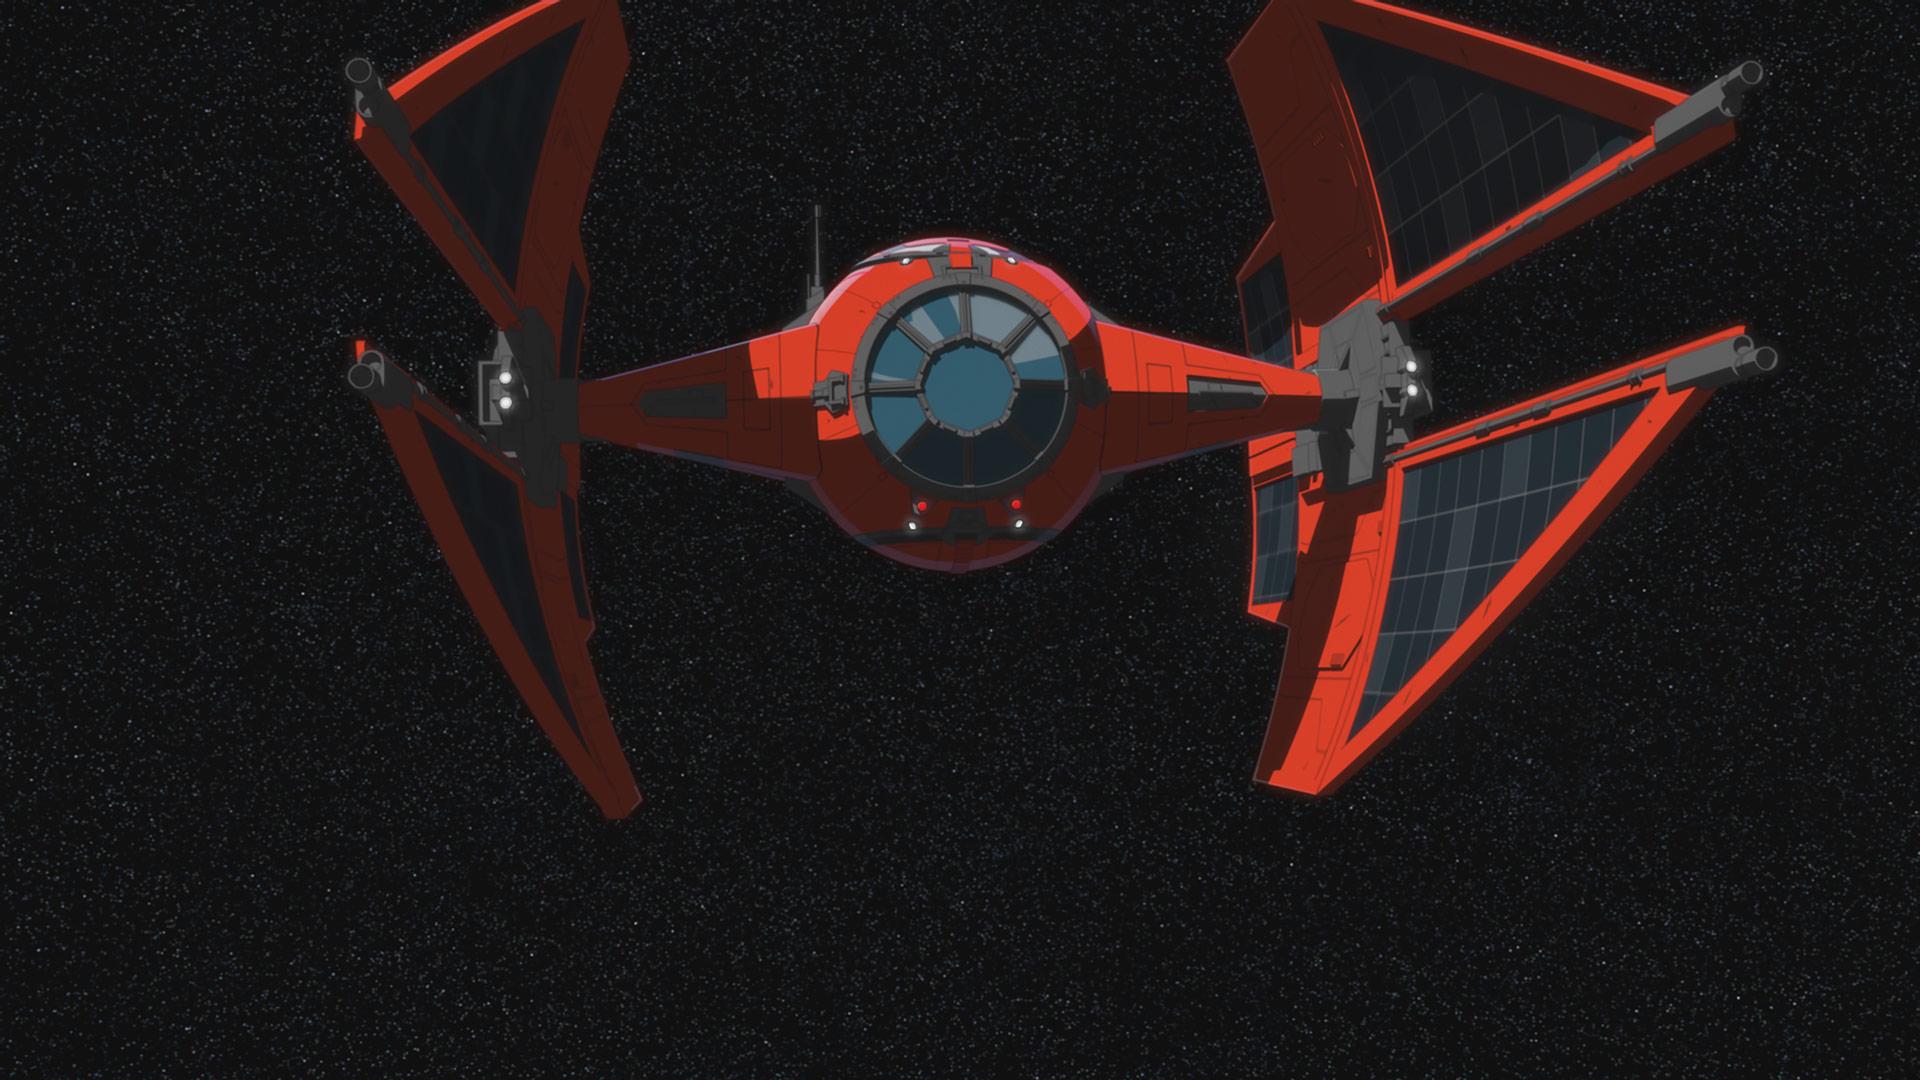 vonreg_s_tie-interceptor.jpg